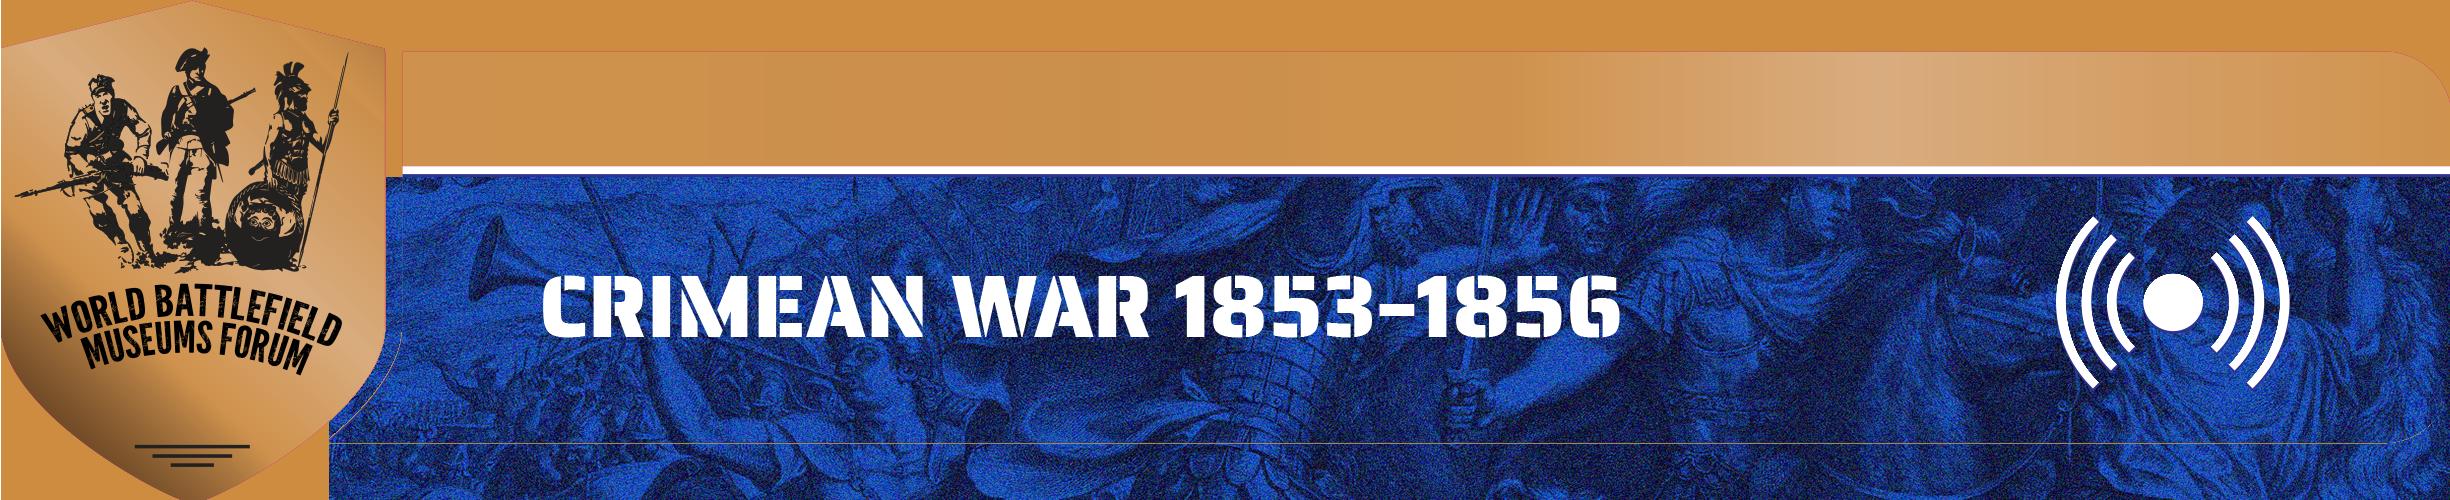 Audio Show Crimean War 1853-1856